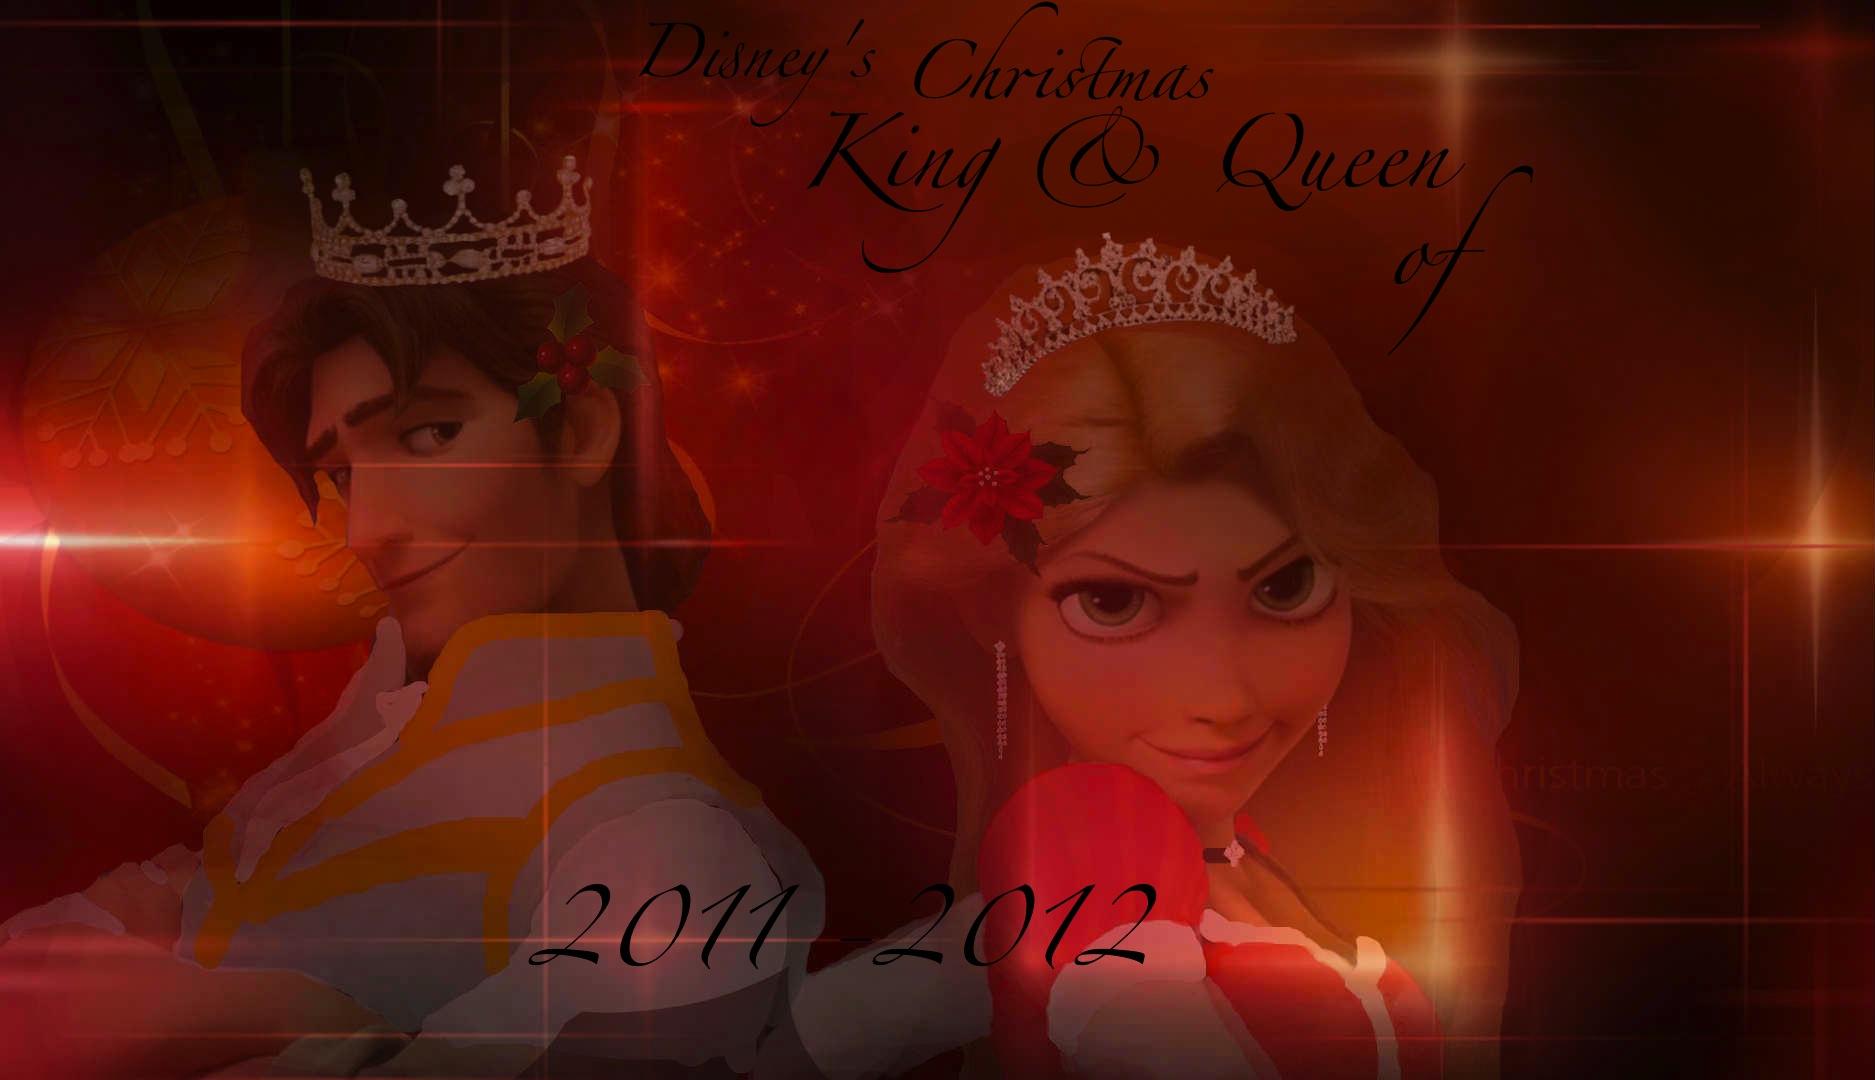 Rapunzel Fitzherbert Art 12rapunzel Images Disney S King Queen